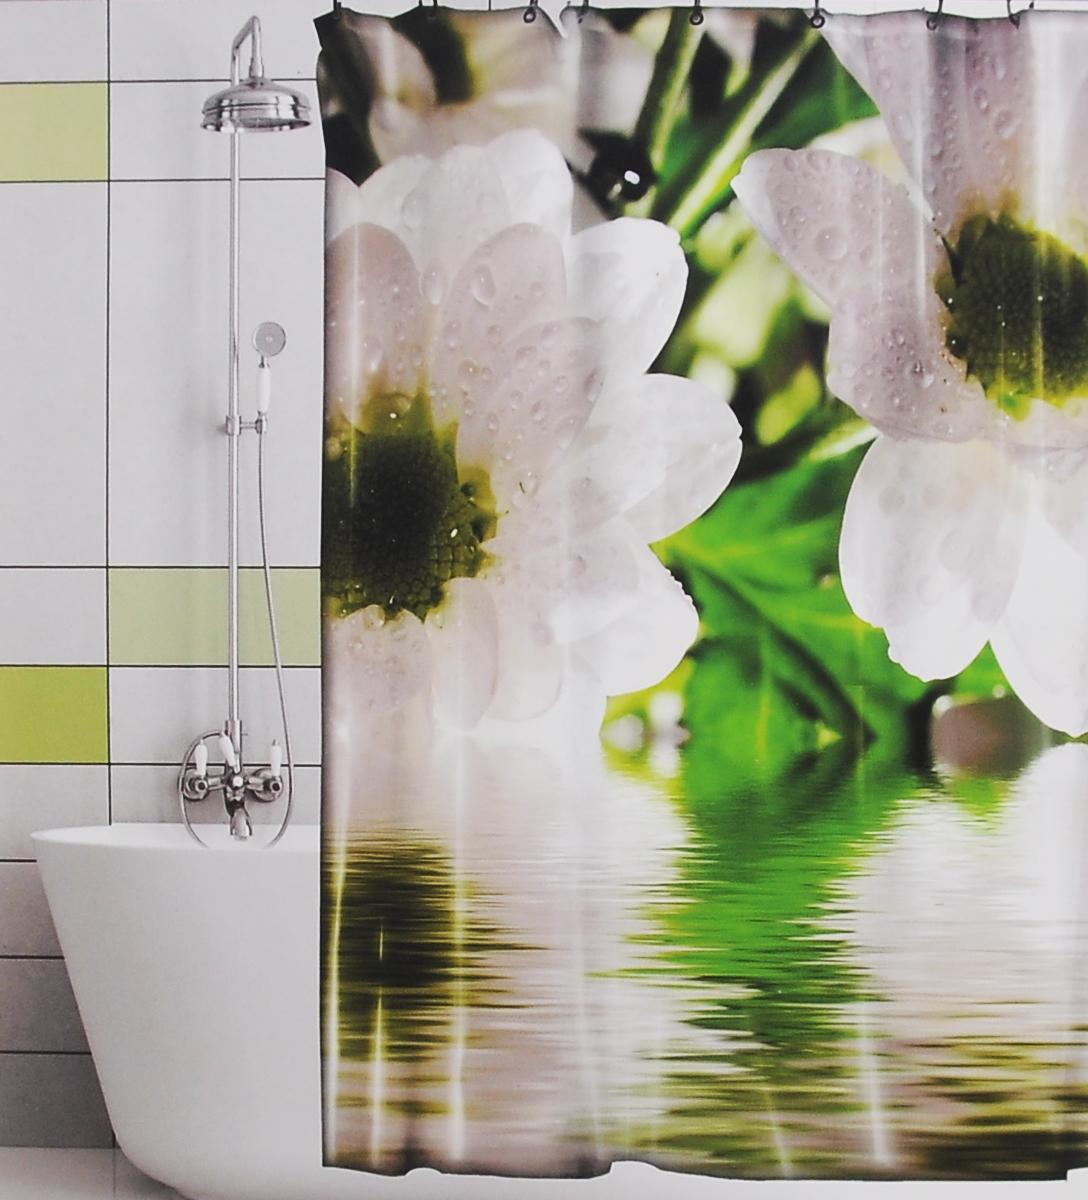 Штора для ванной Valiant Цветы на воде, цвет: белый, зеленый, 180 см х 180 смGFШтора для ванной комнаты Valiant Цветы на воде из 100% плотного полиэстера с водоотталкивающей поверхностью идеально защищает ванную комнату от брызг. В верхней кромке шторы предусмотрены отверстия для пластиковых колец (входят в комплект), а в нижней кромке шторы скрыт гибкий шнур, который поддерживает ее в естественной расправленной форме. Штору можно легко почистить мягкой губкой с мылом или постирать ее с мягким моющим средством в деликатном режиме. Количество колец: 12 шт.